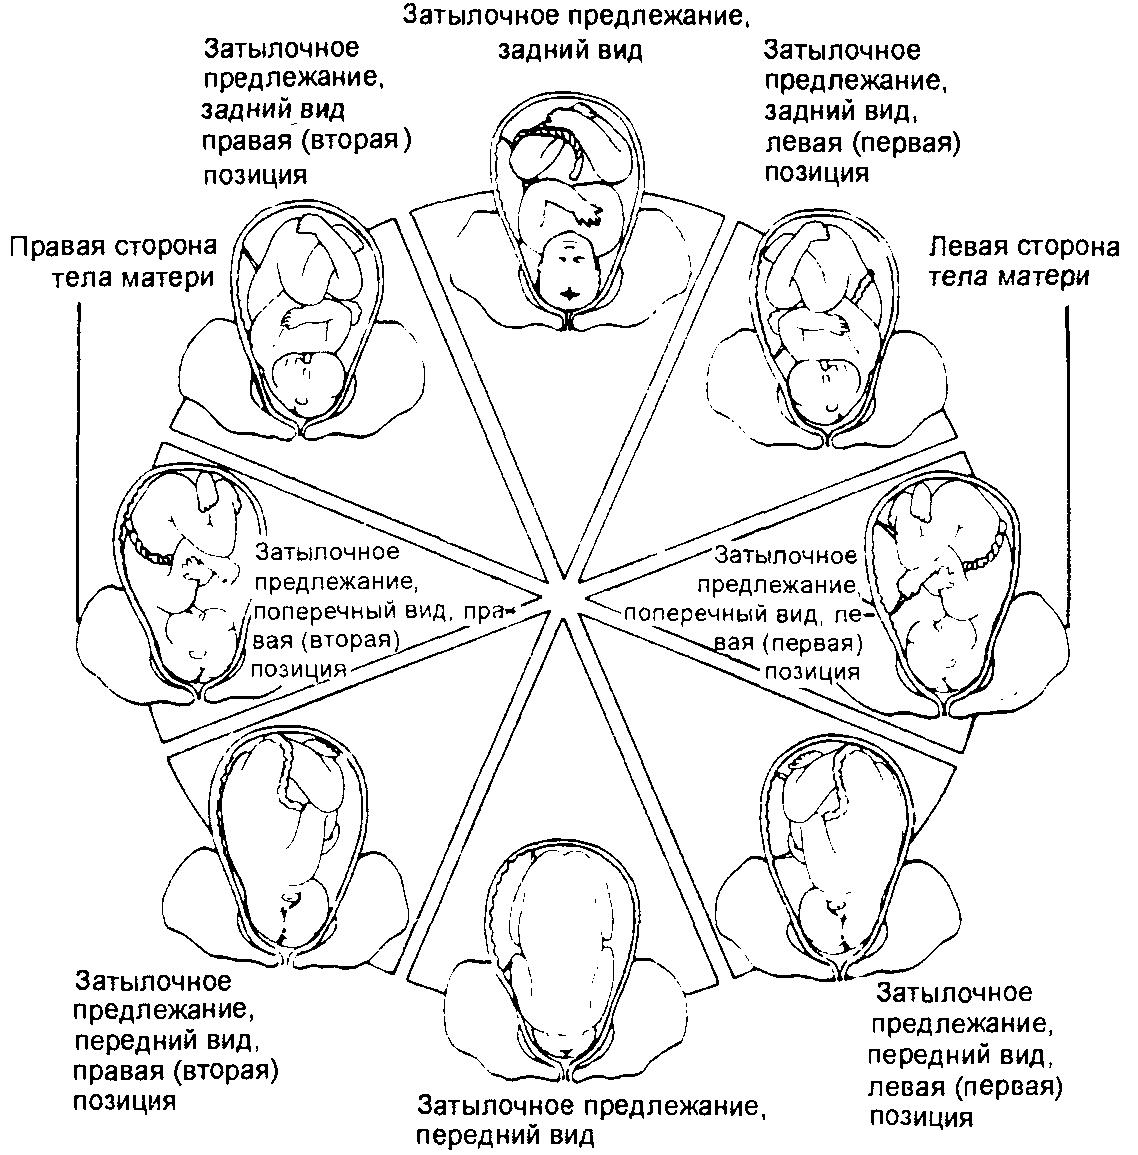 Определить симуляцию оргазма по смазке возможно если вы не используете